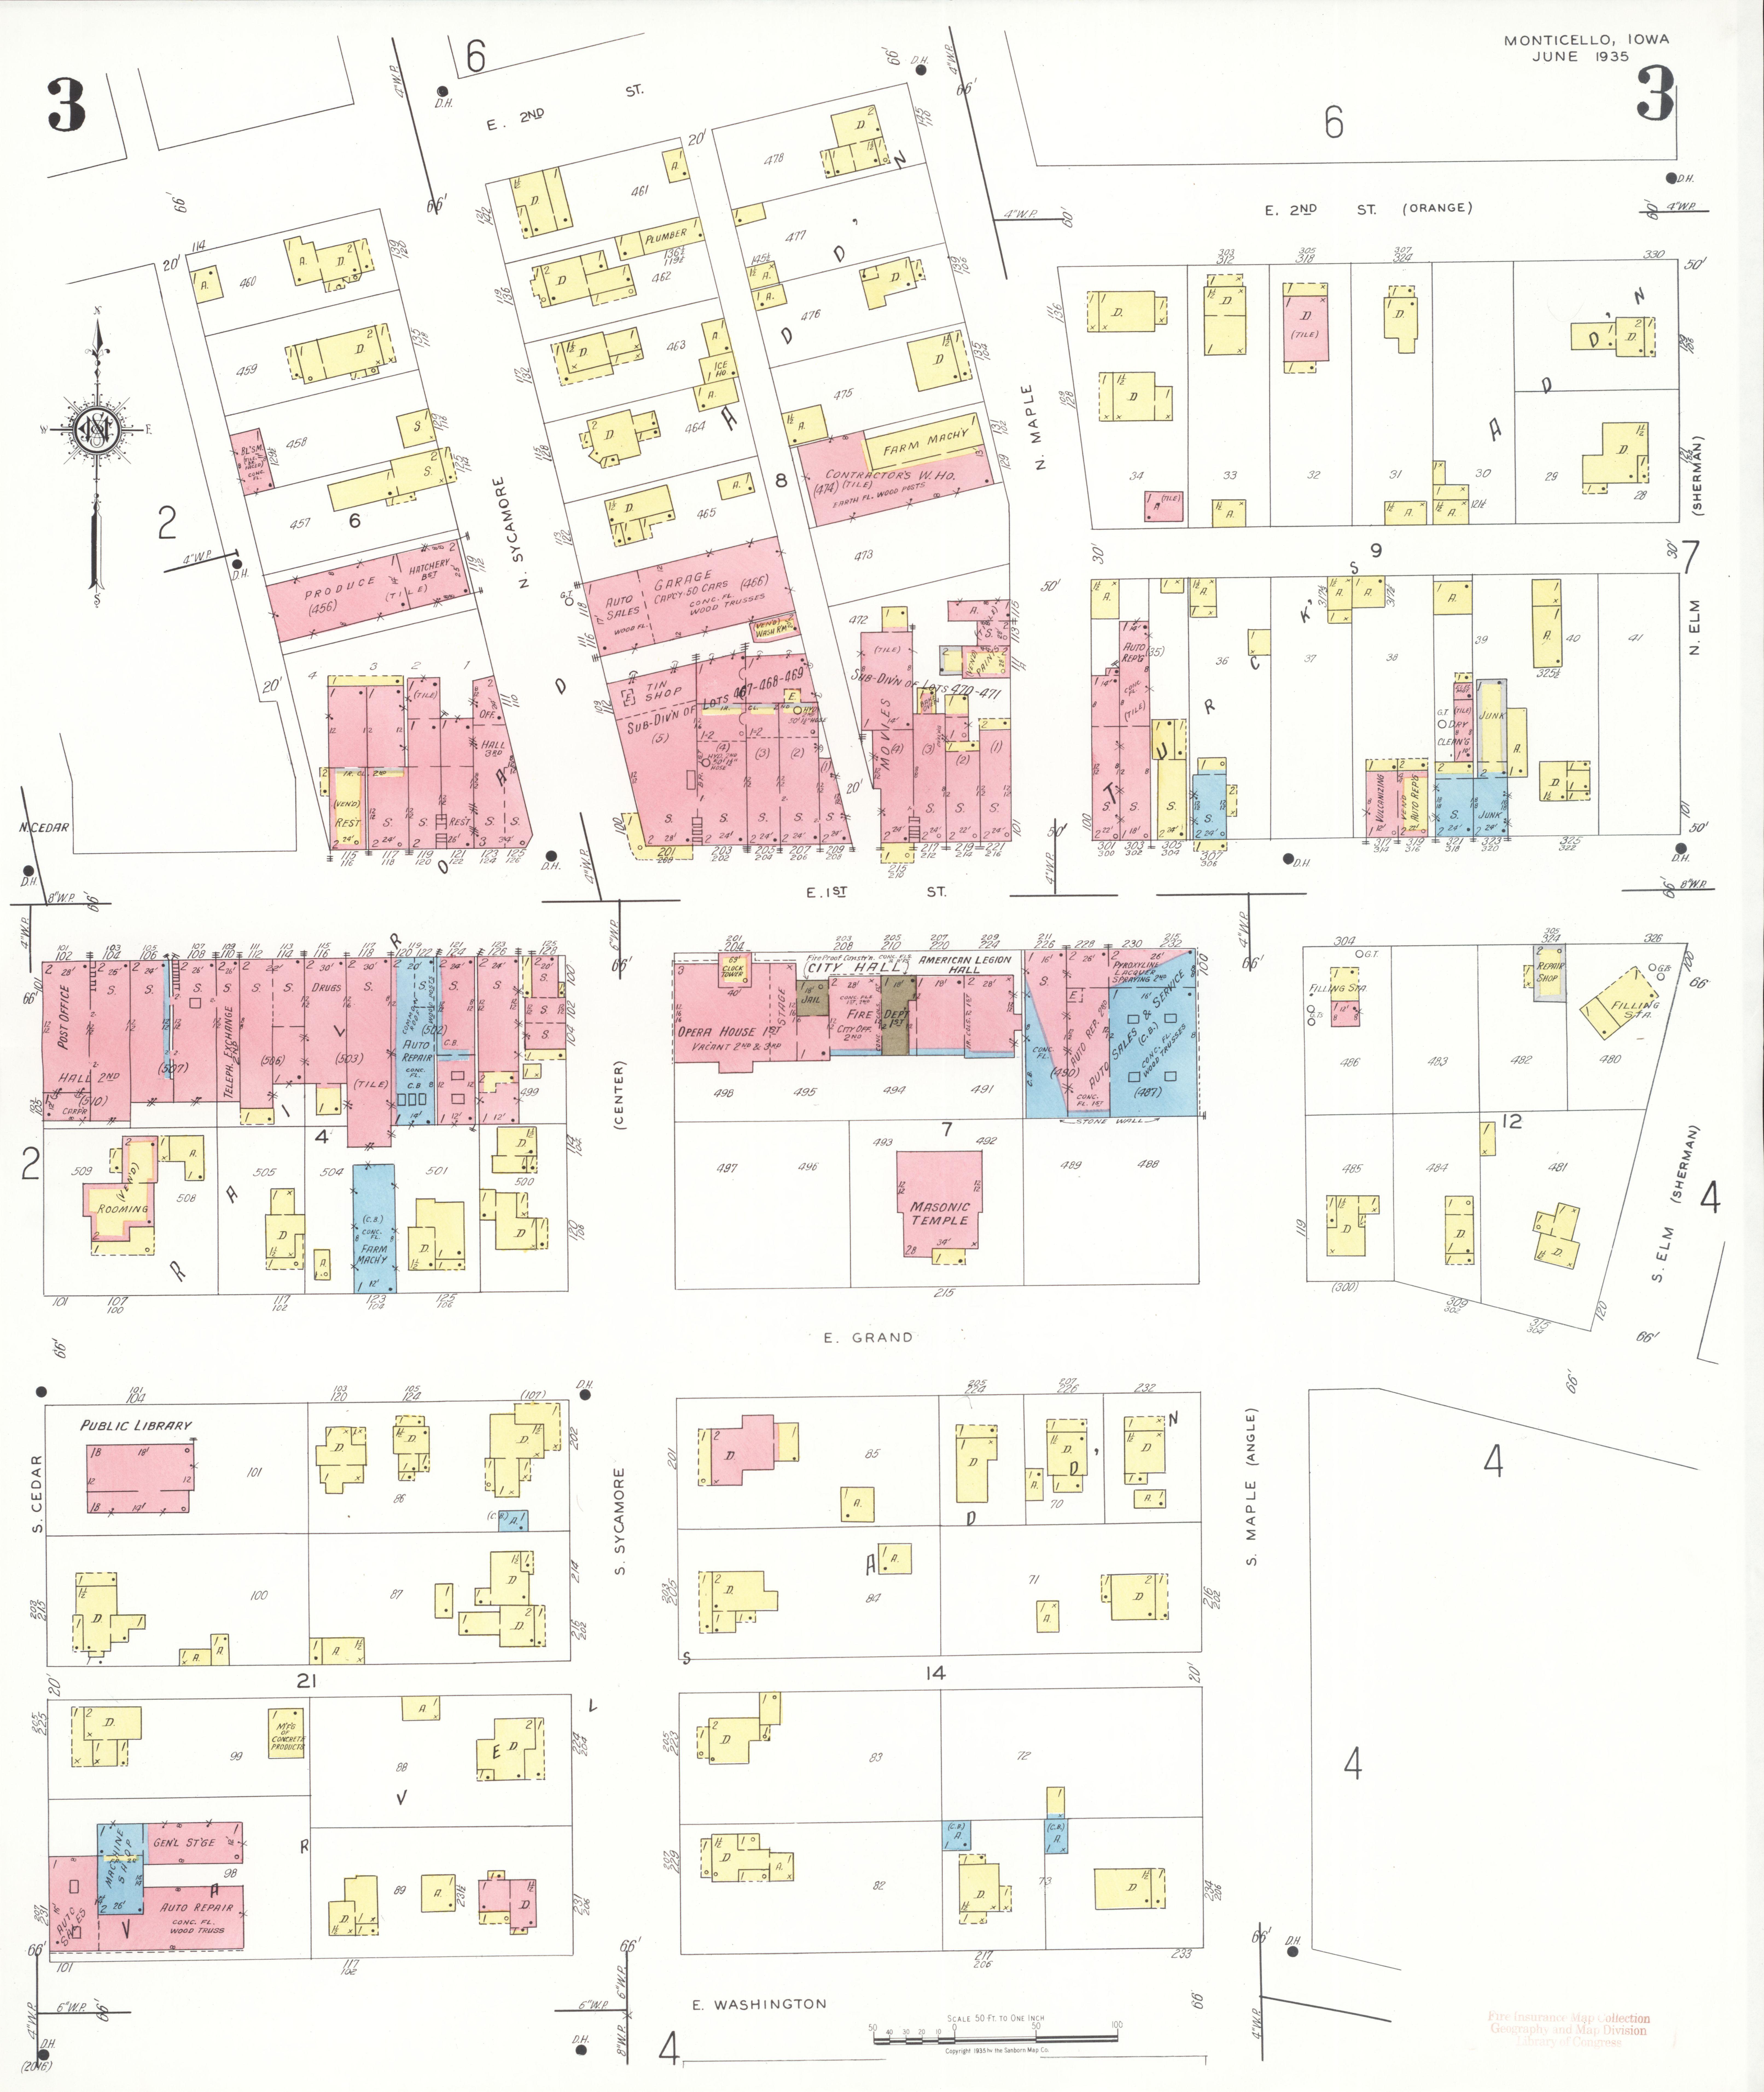 File Sanborn Fire Insurance Map From Monticello Jones County Iowa